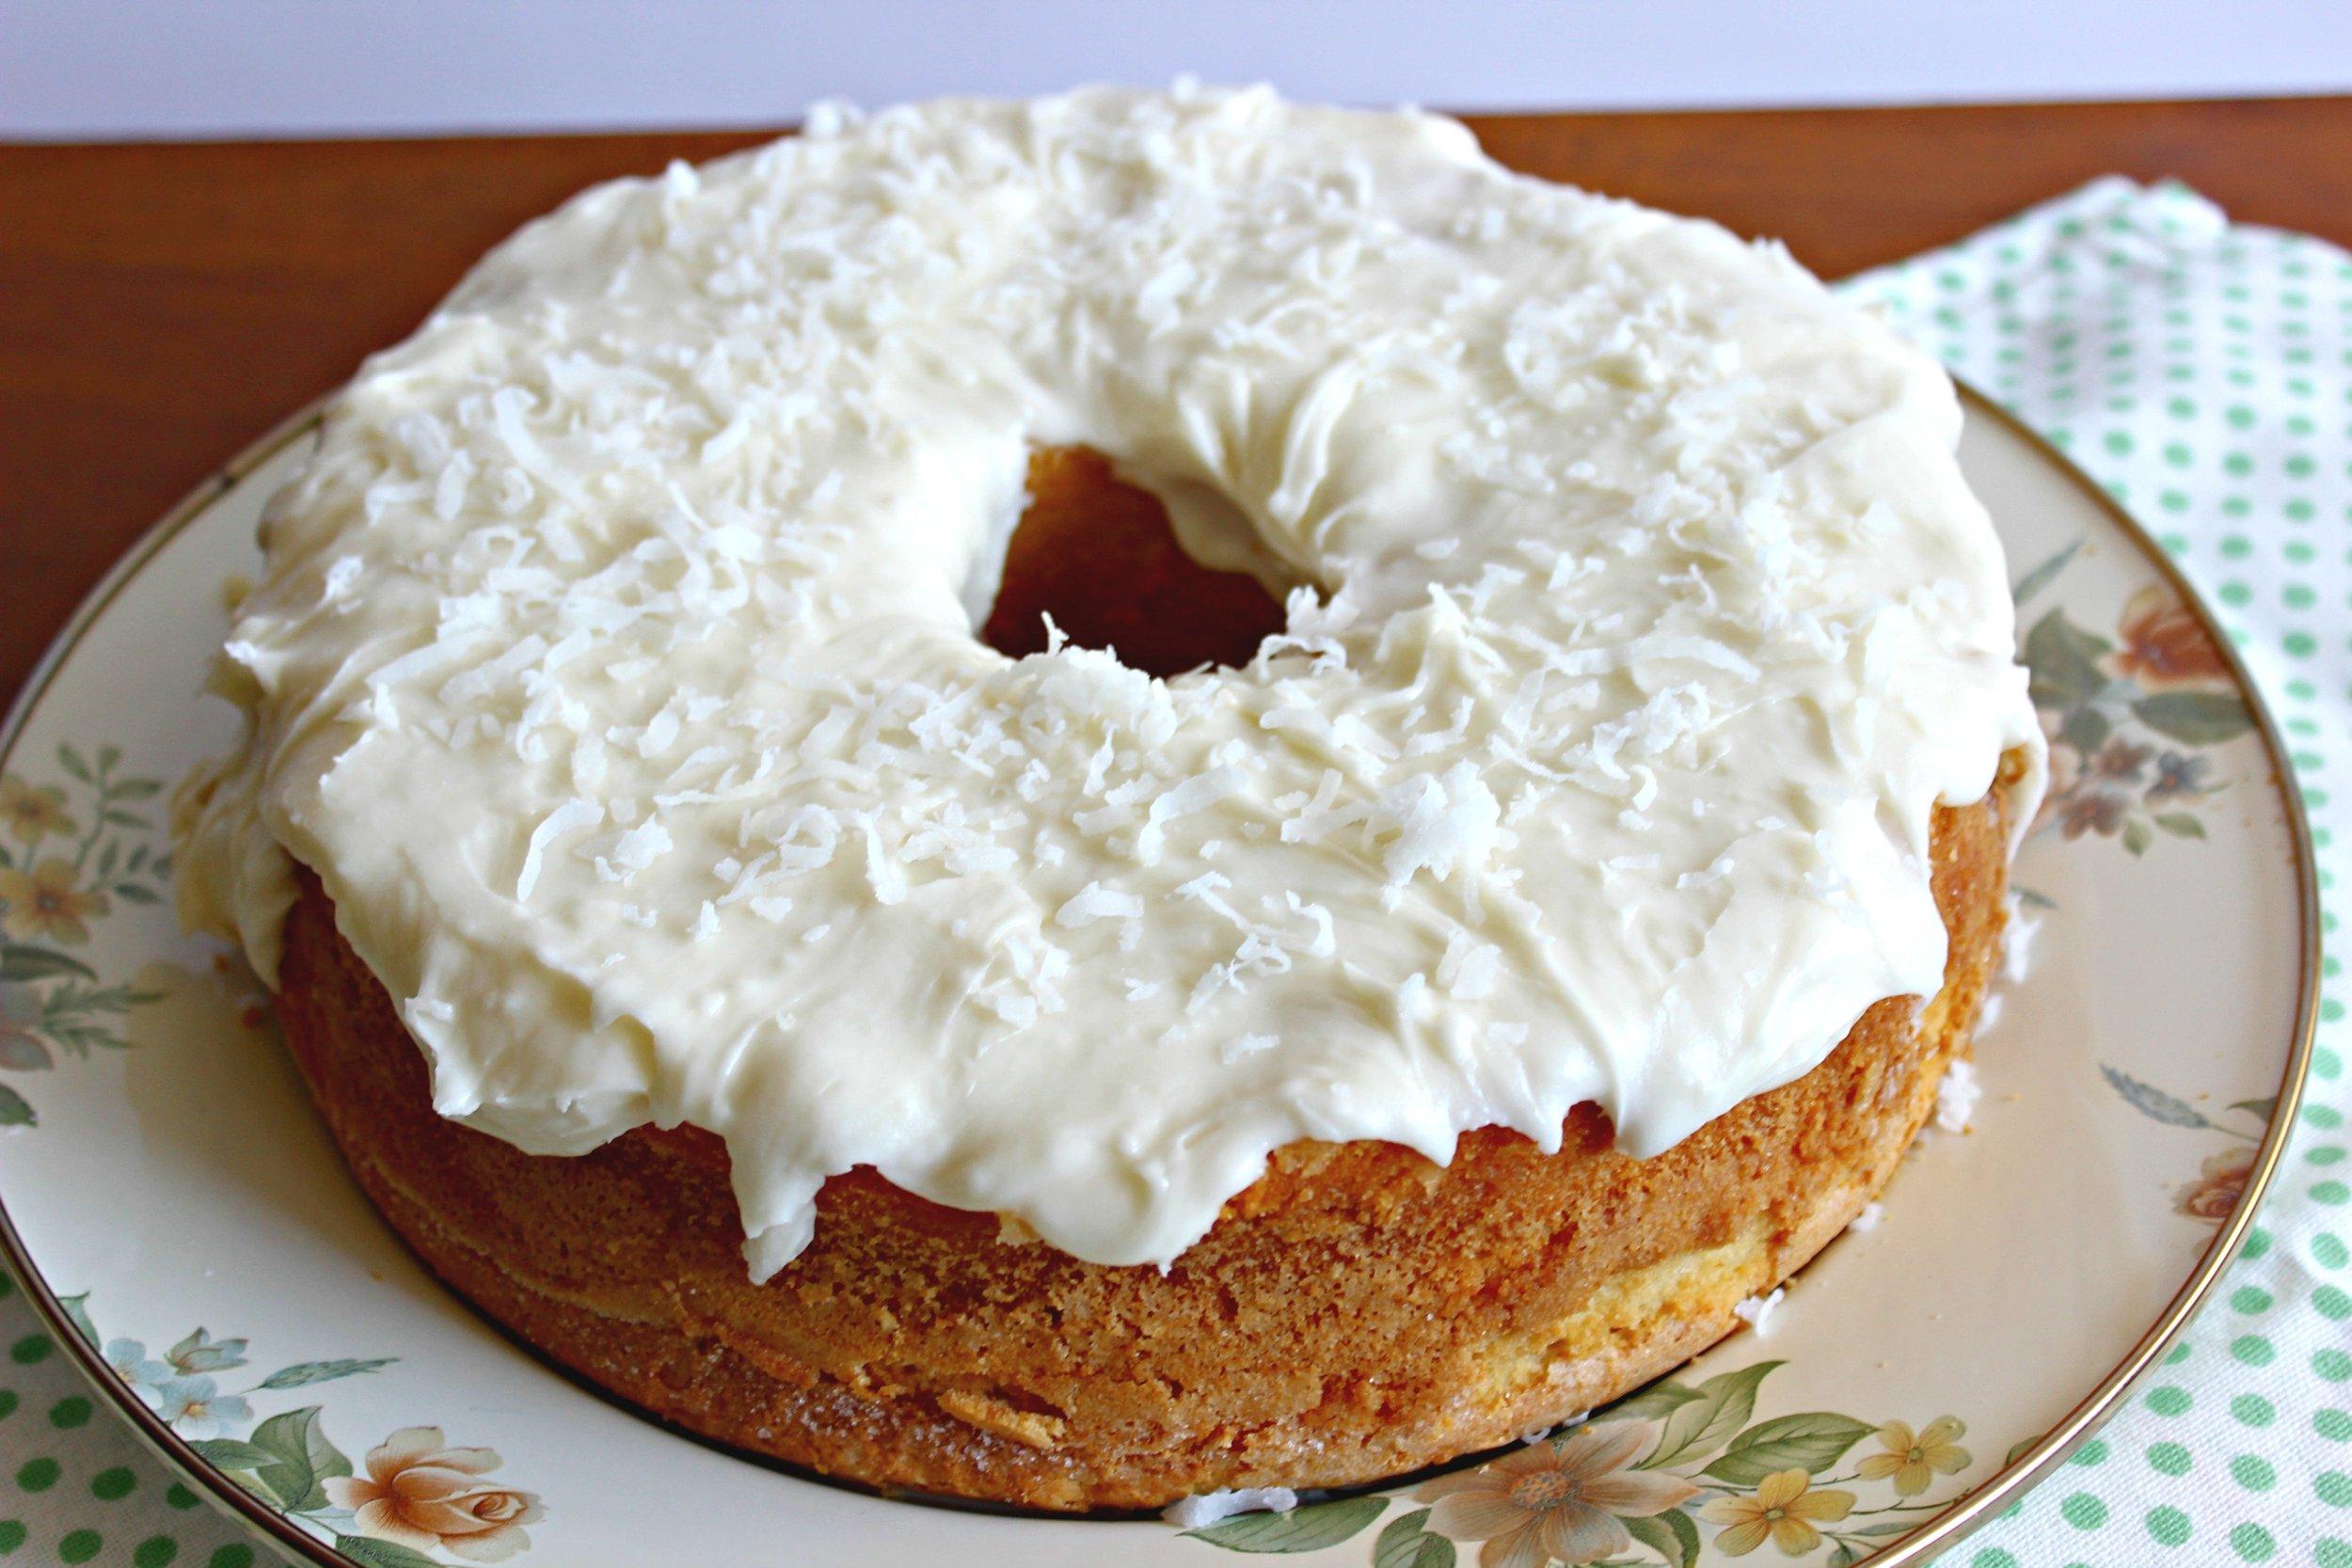 Around the World in 28 Cakes: Louisiana Crunch Cake